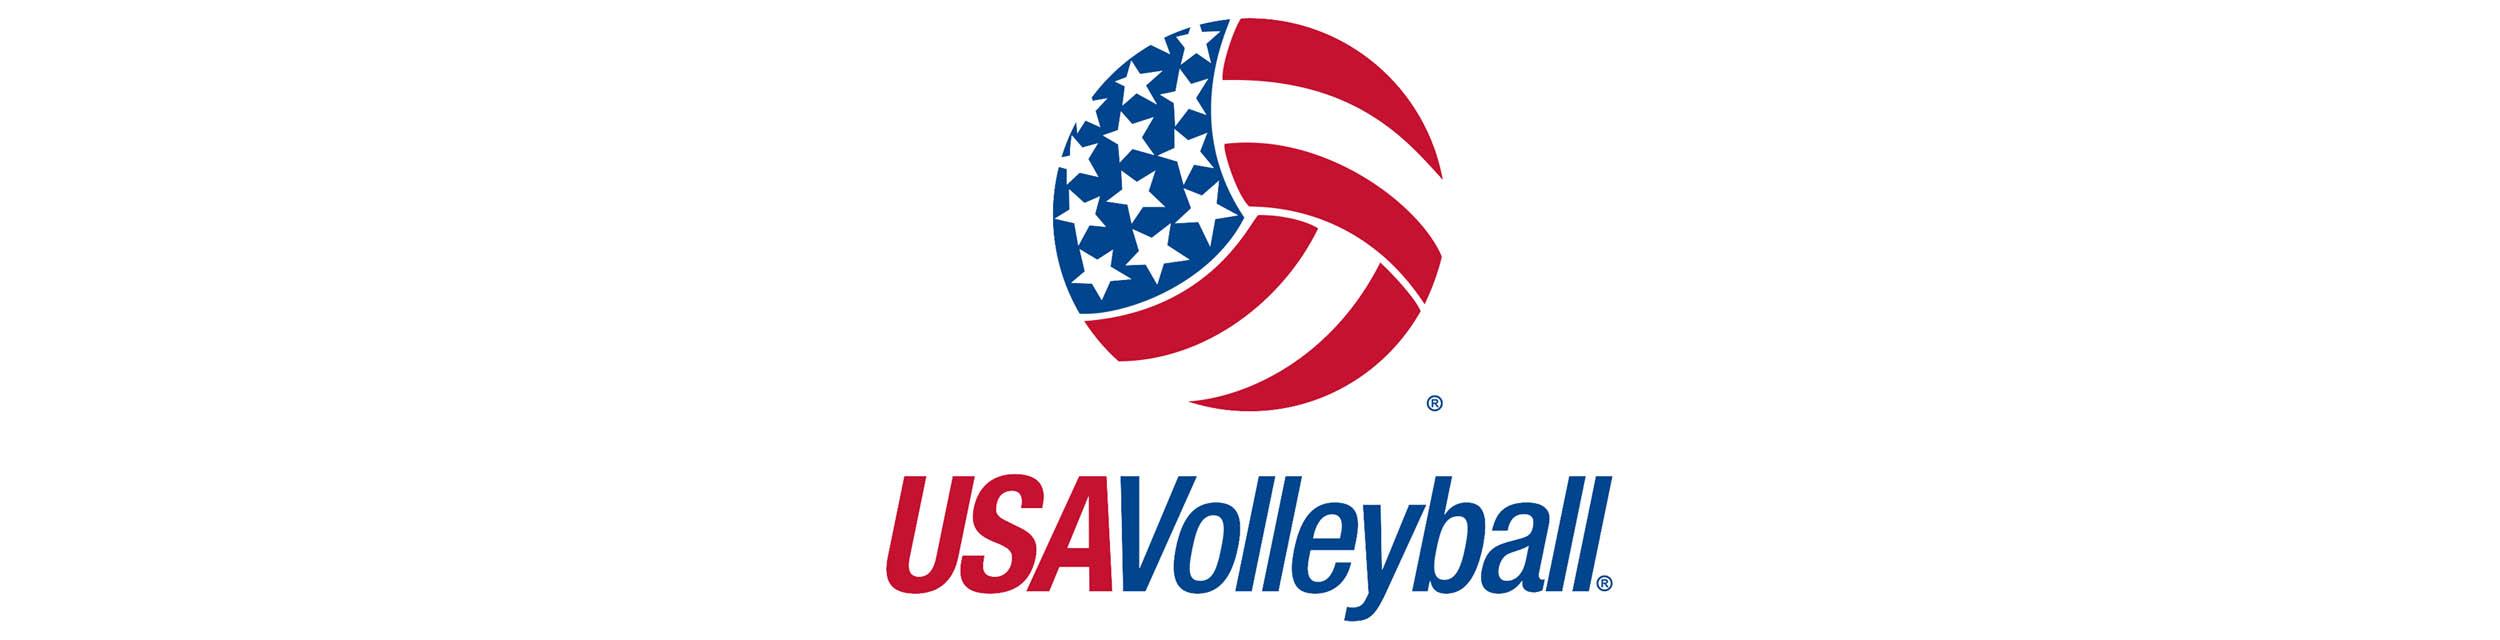 USA Volleyball parle fièrement de ses volleyeurs qui jouent à l'étranger